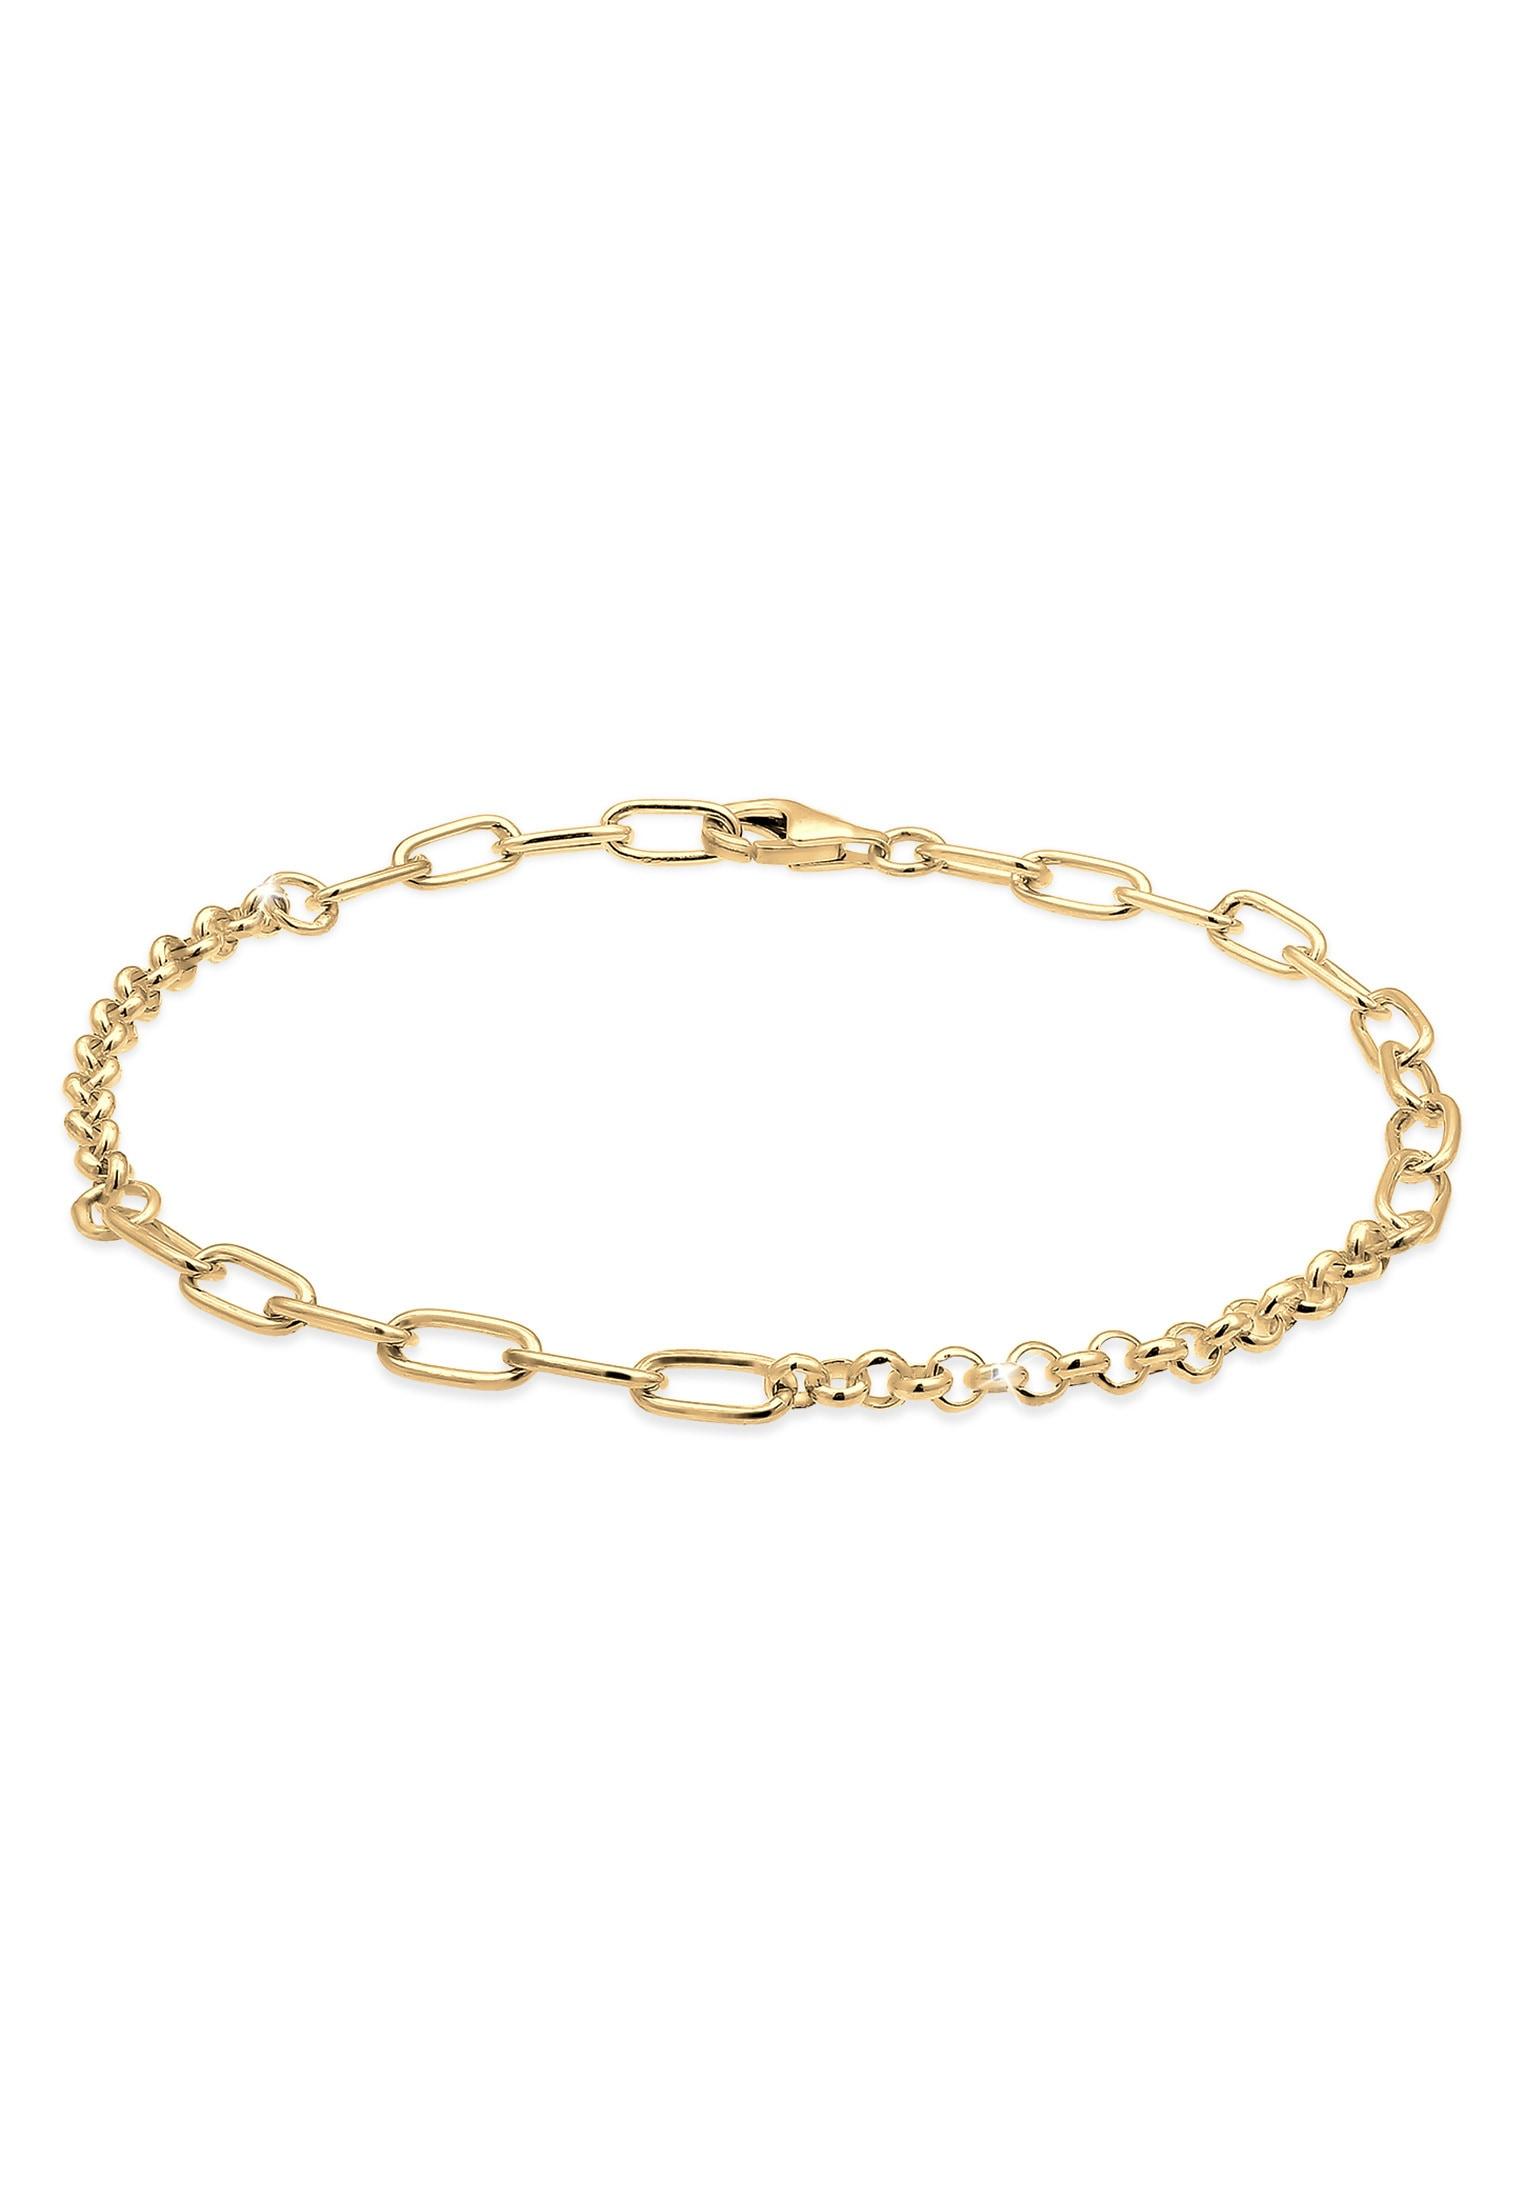 Nenalina Armband Charmträger Bettelarmband Basic 925 Silber | Schmuck > Armbänder > Silberarmbänder | Nenalina